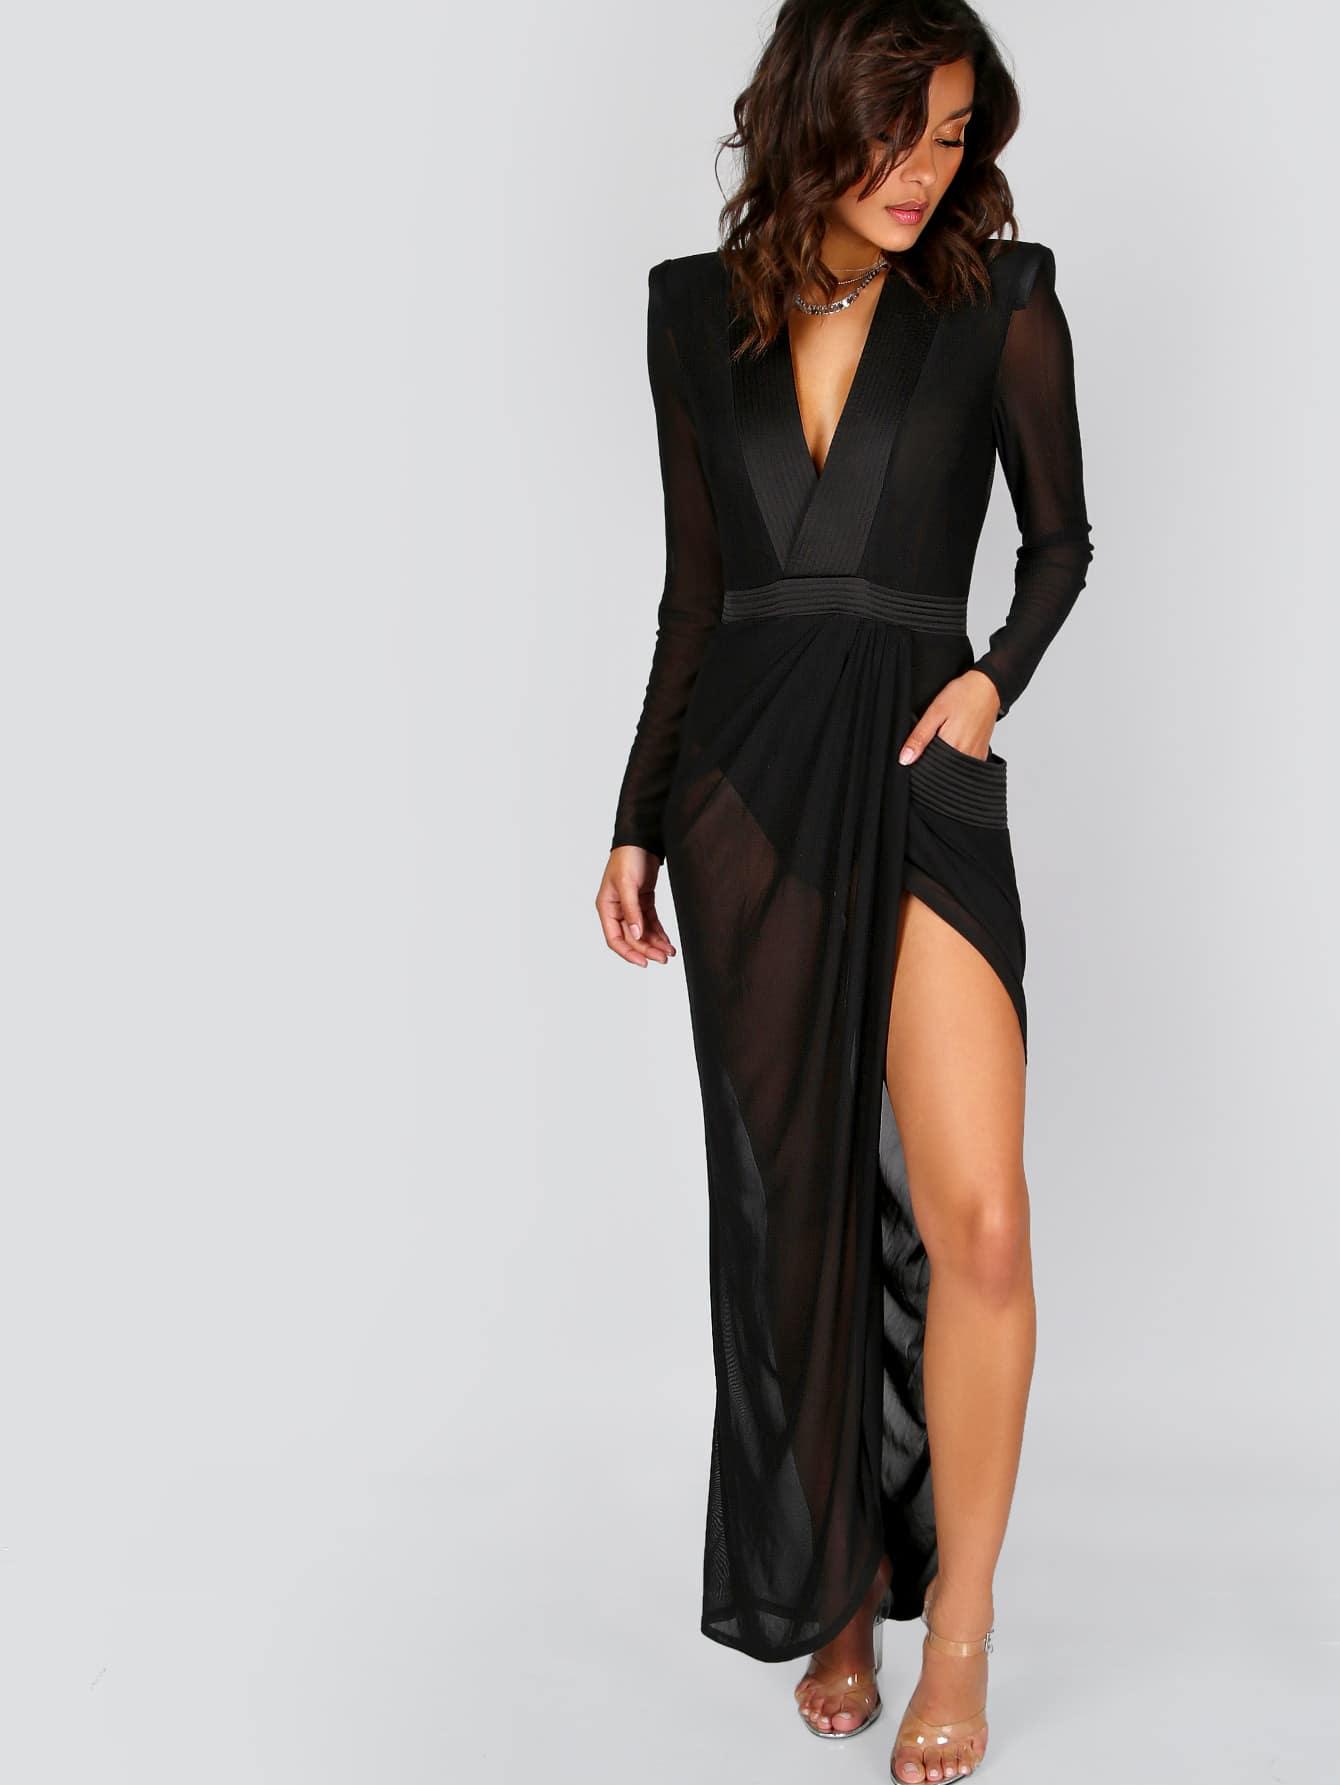 Designer names Back Slit Batwing Sleeve Sheath Dress for juniors